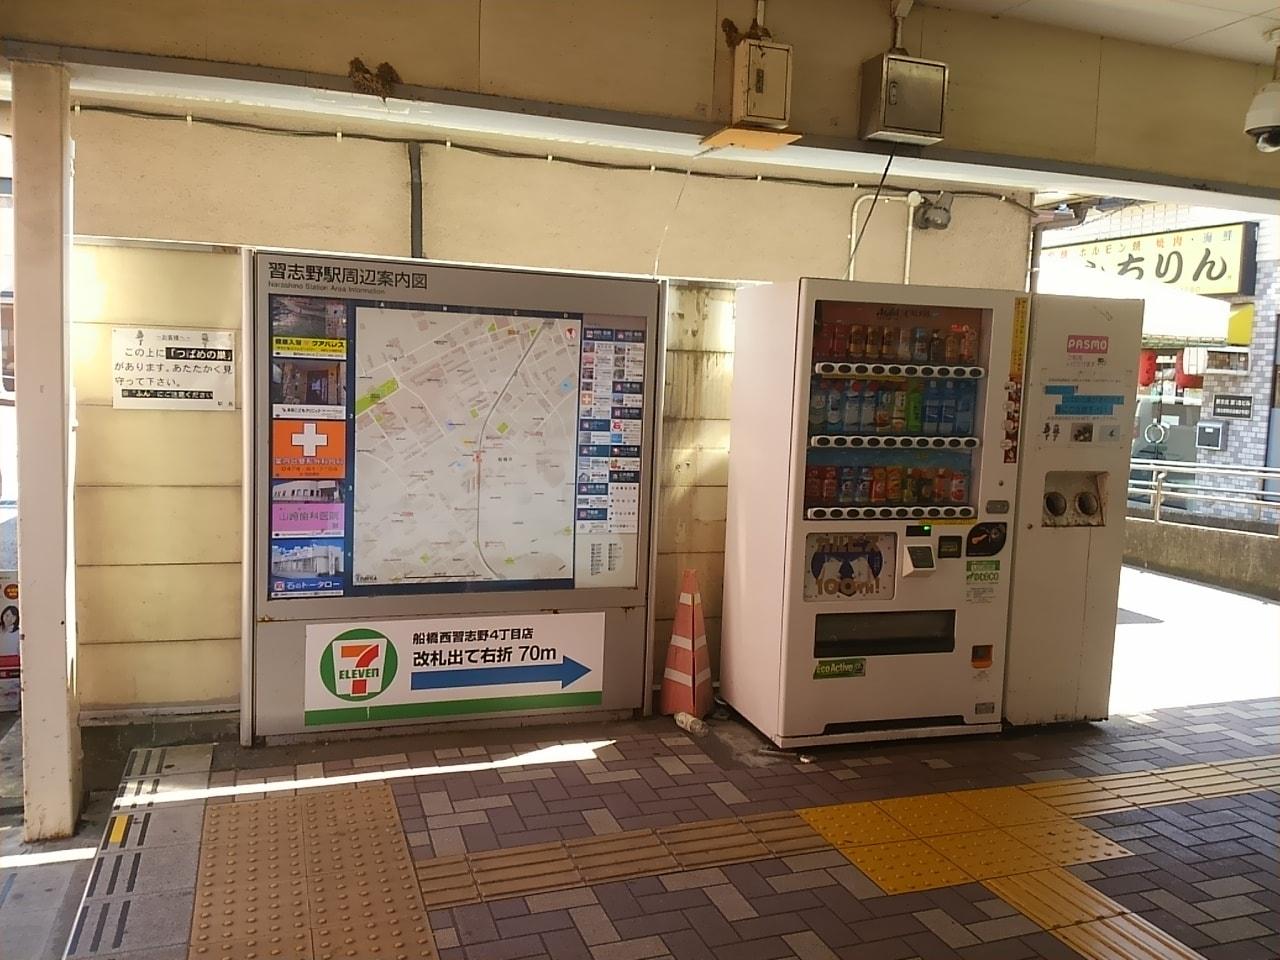 習志野駐屯地夏祭りへの行き方・アクセス・駐車場